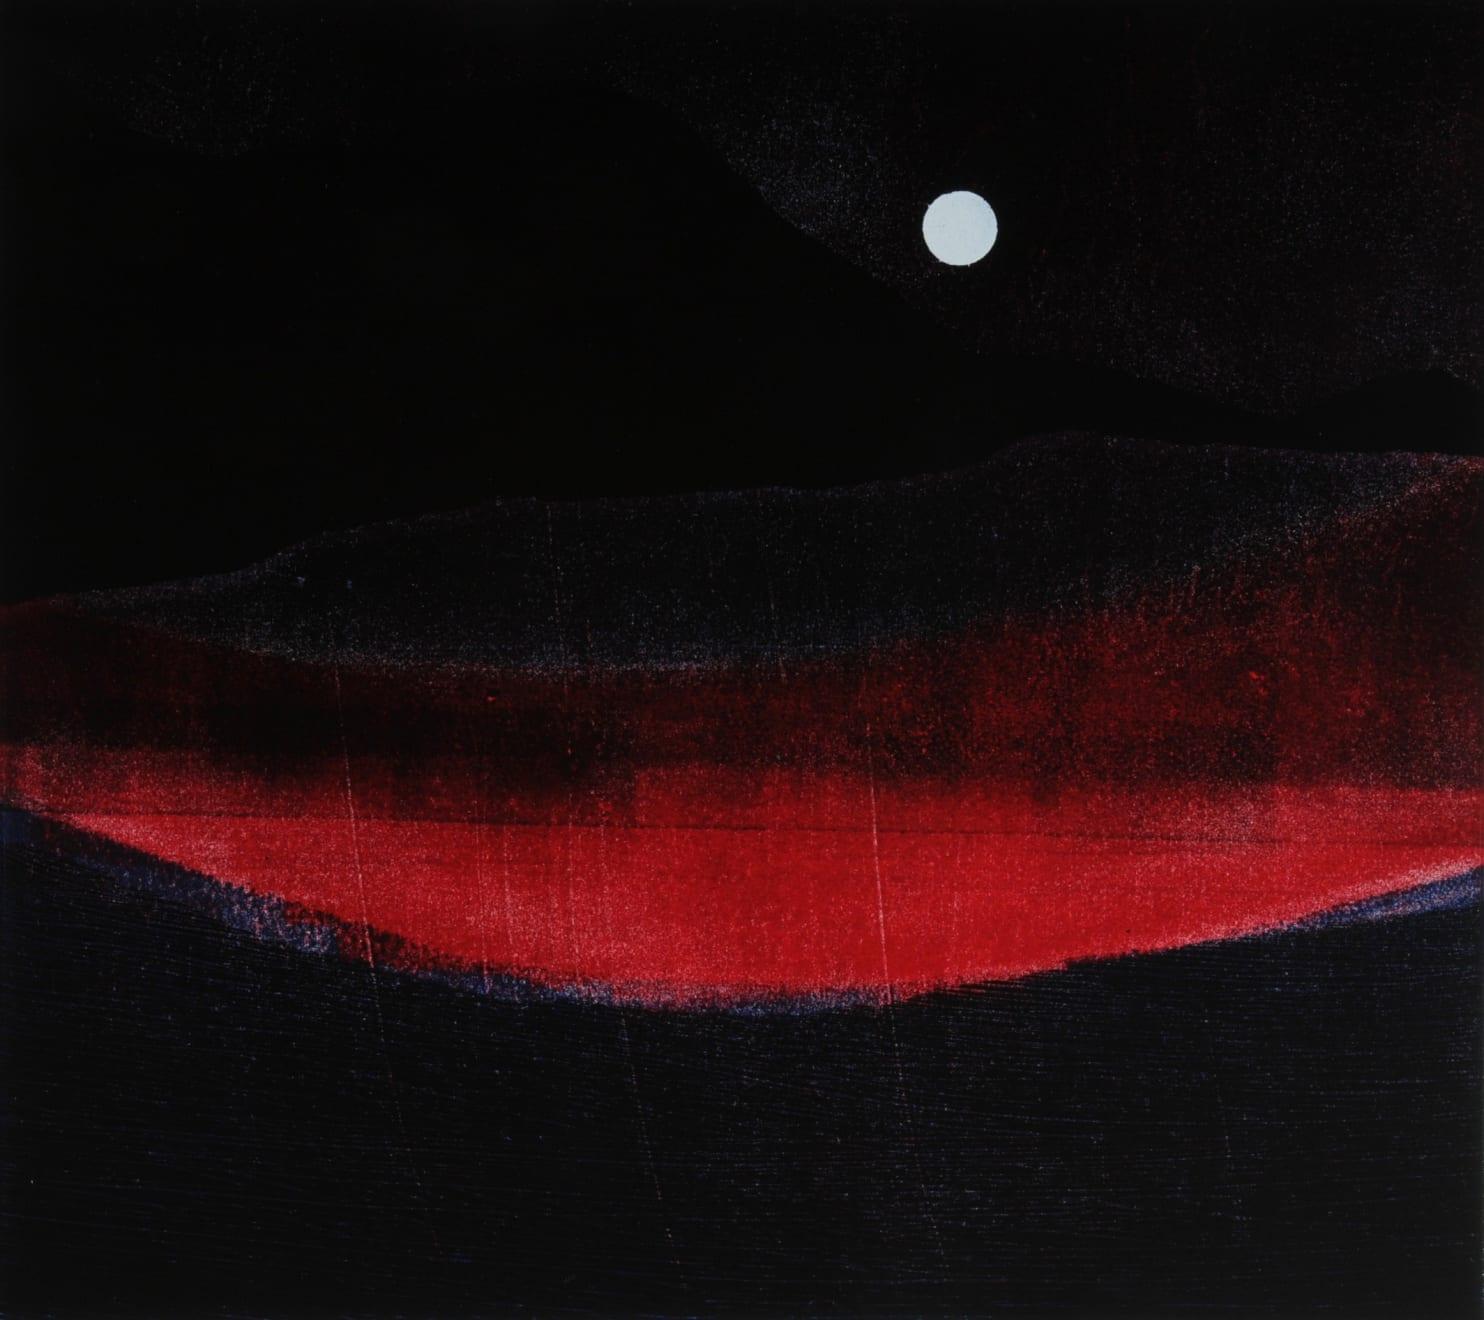 Nigel Swift, Red Fire, 2020